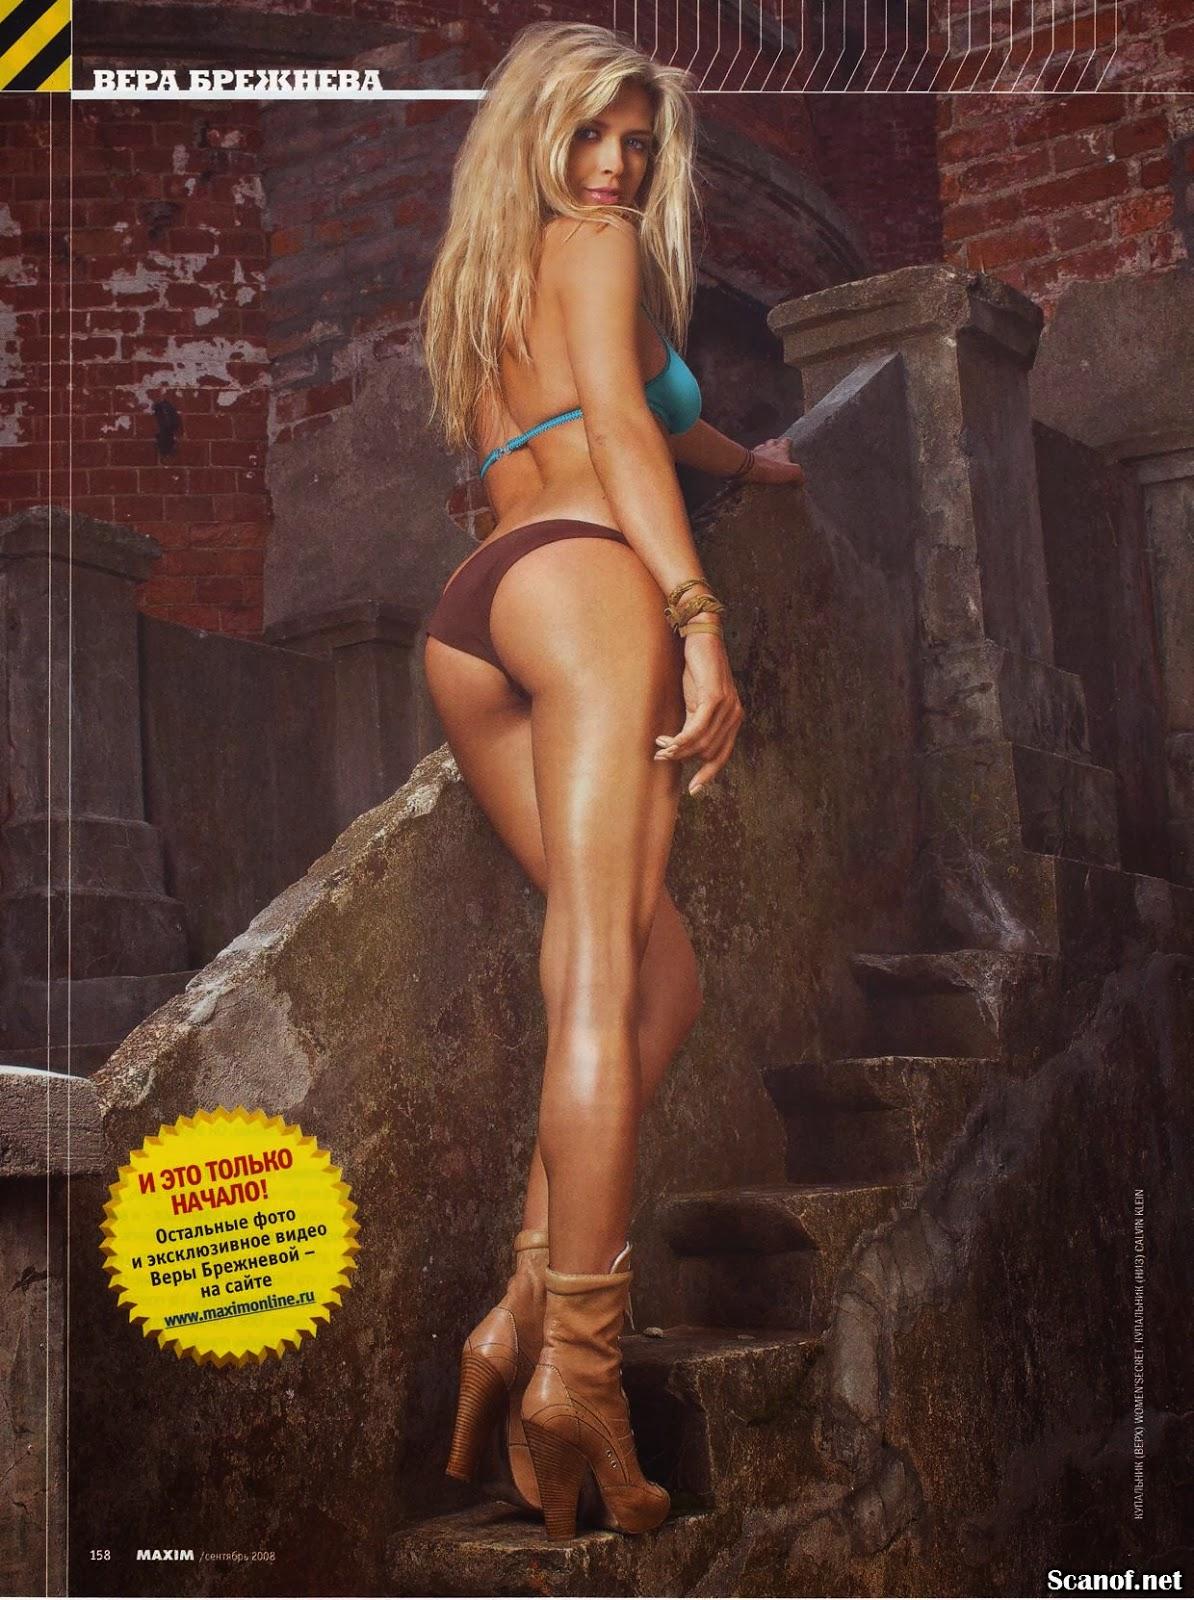 eroticheskie-fotooboi-gollivudskih-znamenitostey